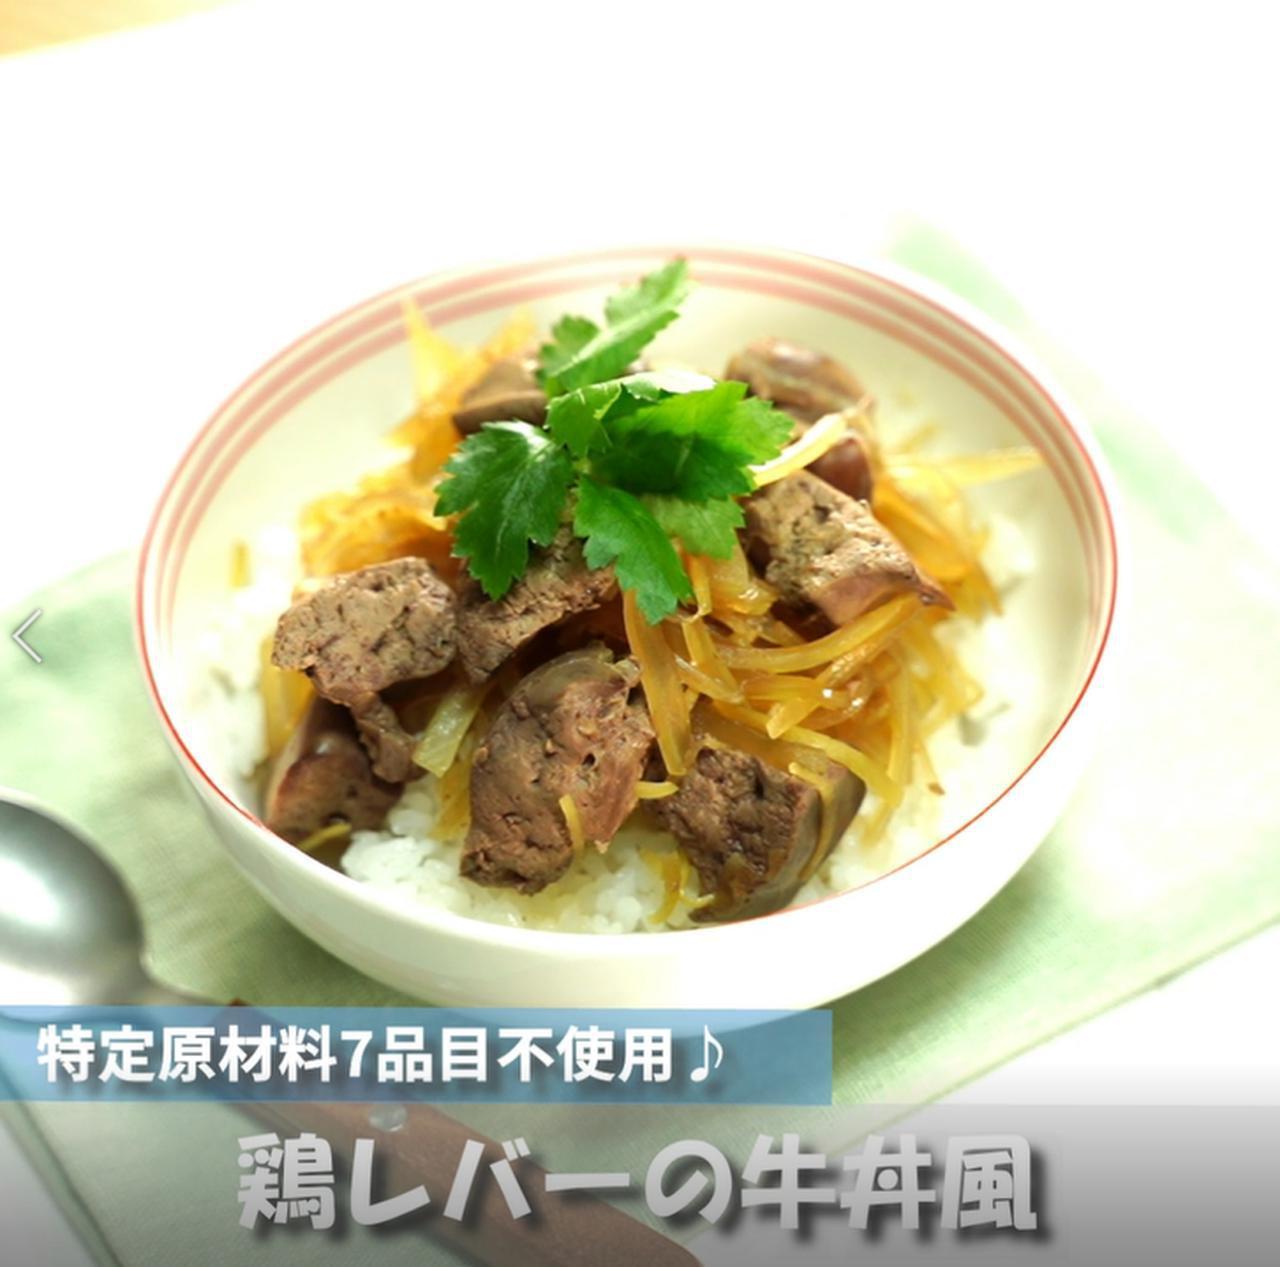 画像: 栄養たっぷり鶏レバーの牛丼風 - 君とごはん